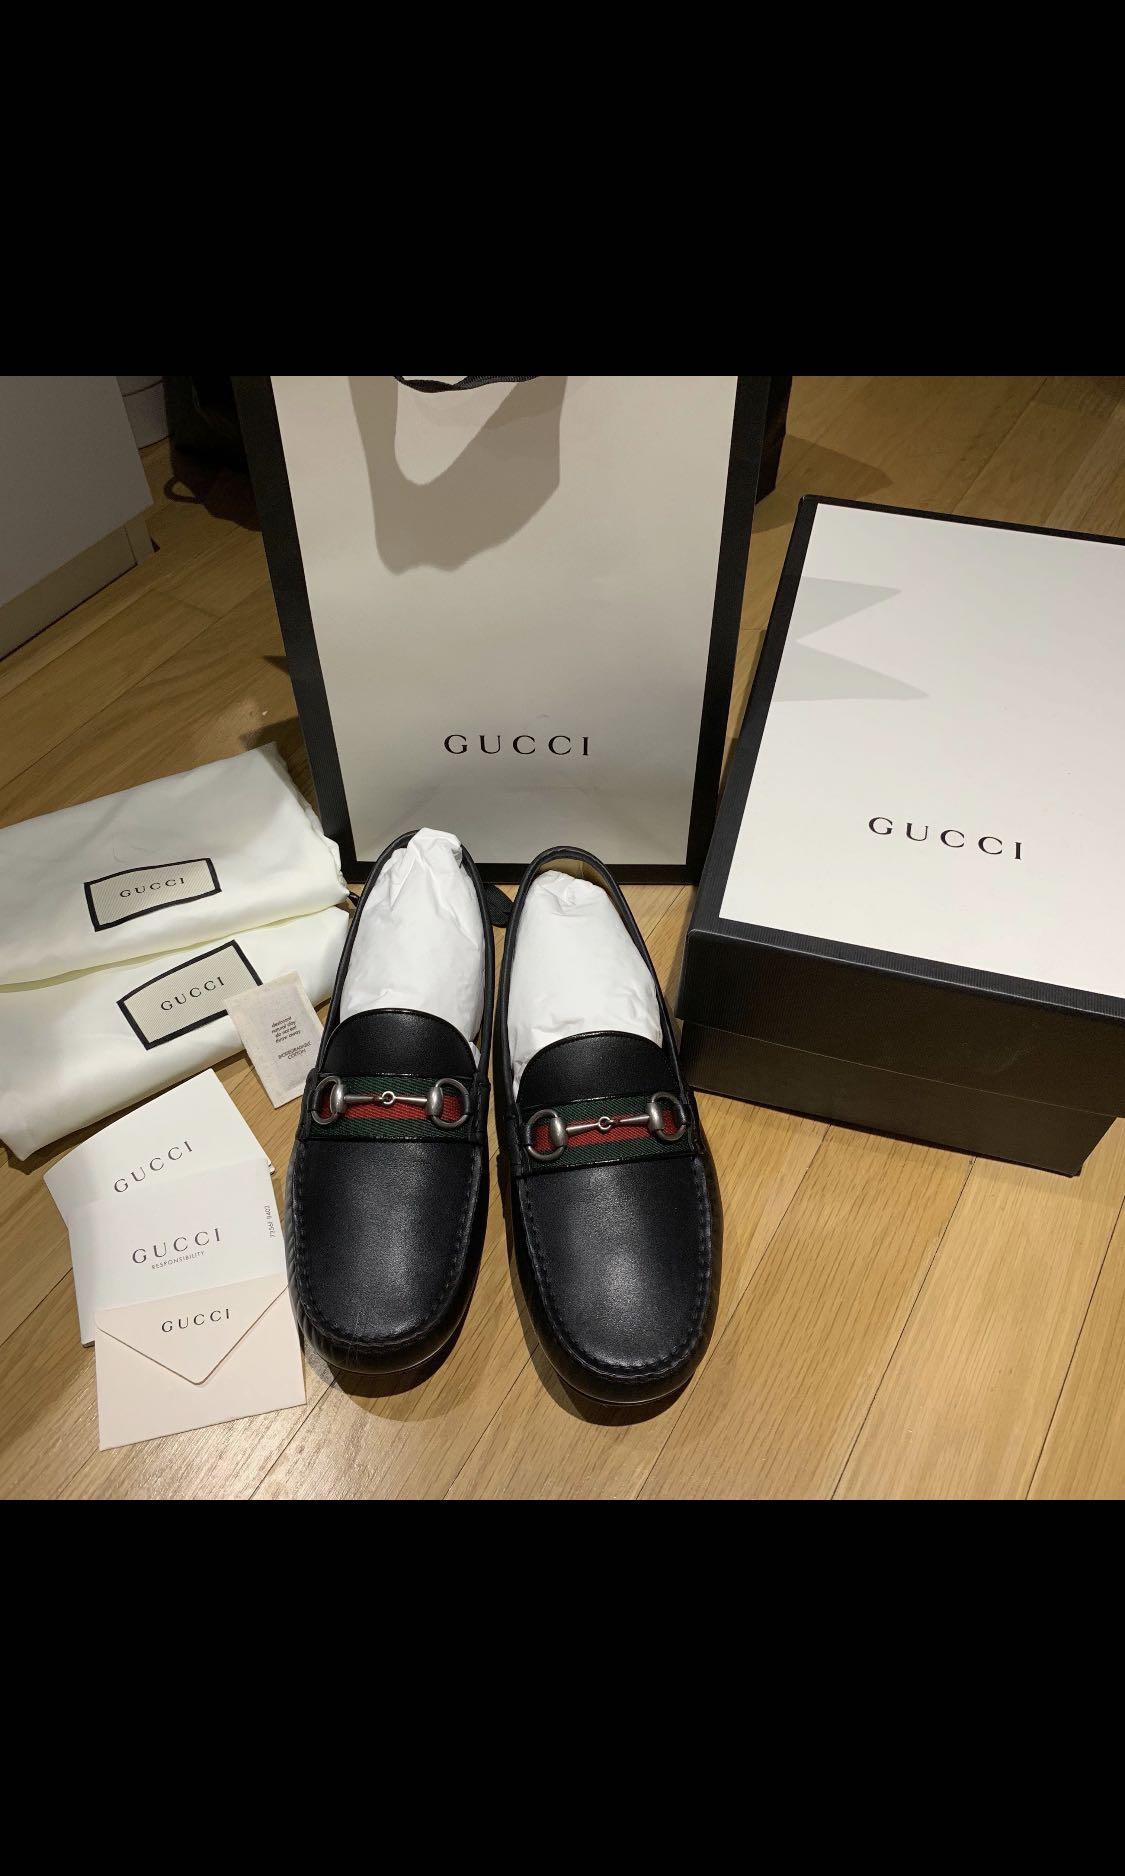 3092d9bf644 Gucci shoes mens